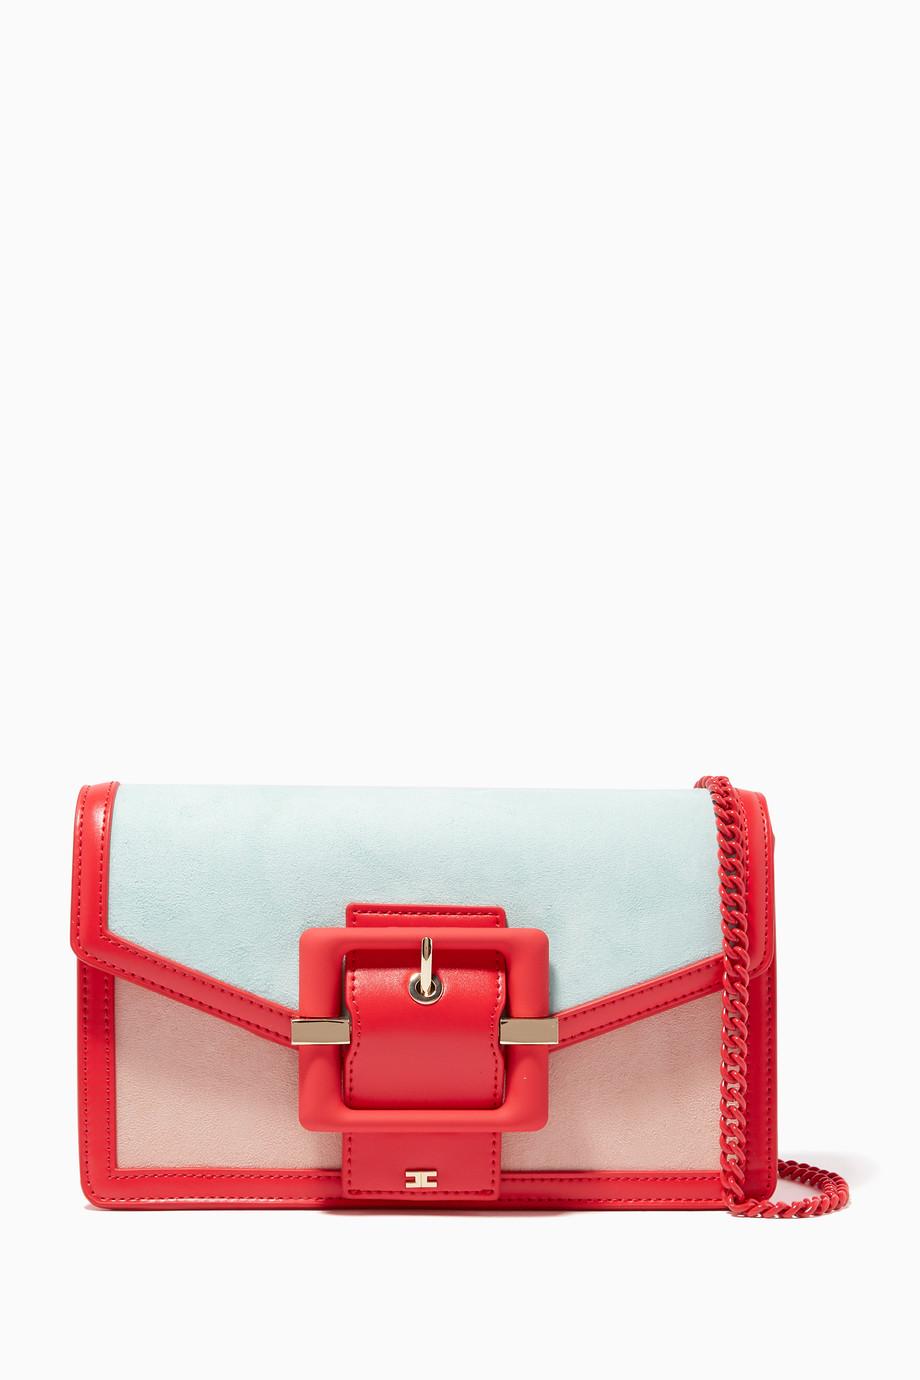 a806e8337fb02 تسوق حقيبة بإبزيم بألوان مغايرة Elisabetta Franchi ملون للنساء